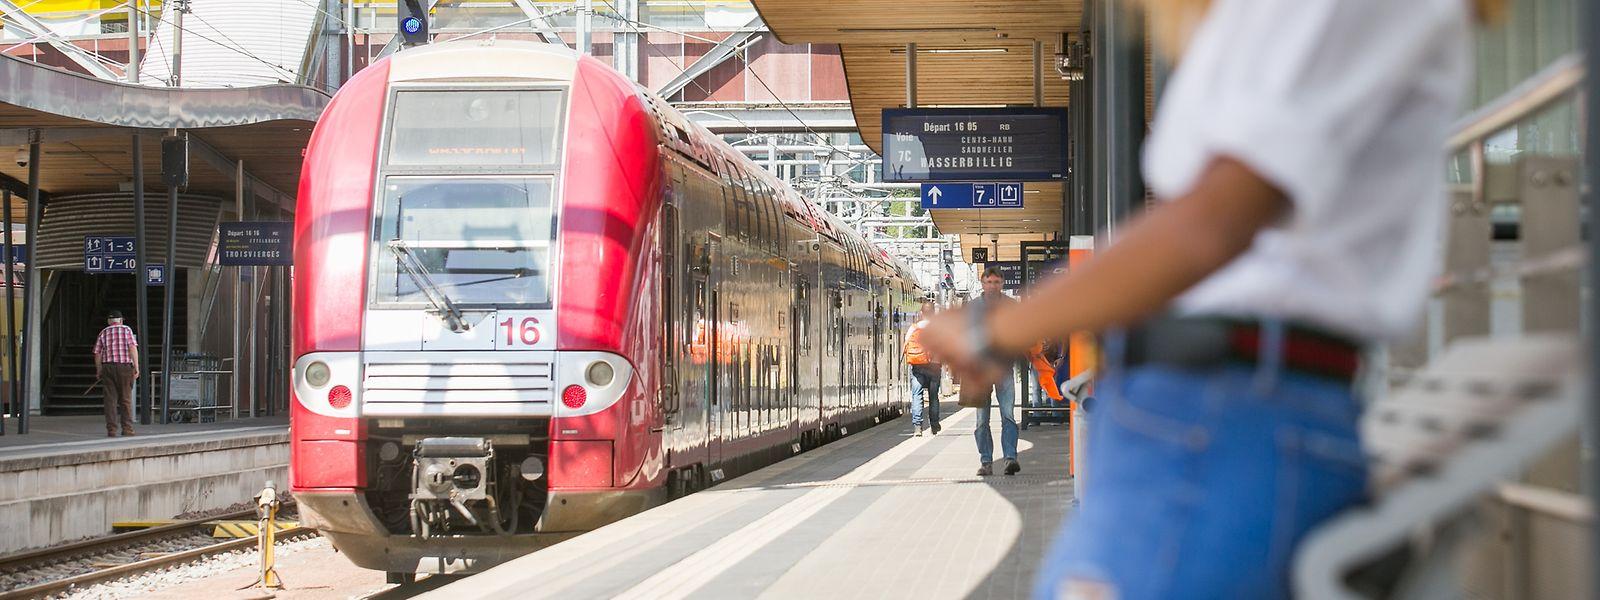 Das Zugnetz in Luxemburg ist überlastet. Täglich werden 90000 Passagiere befördert.